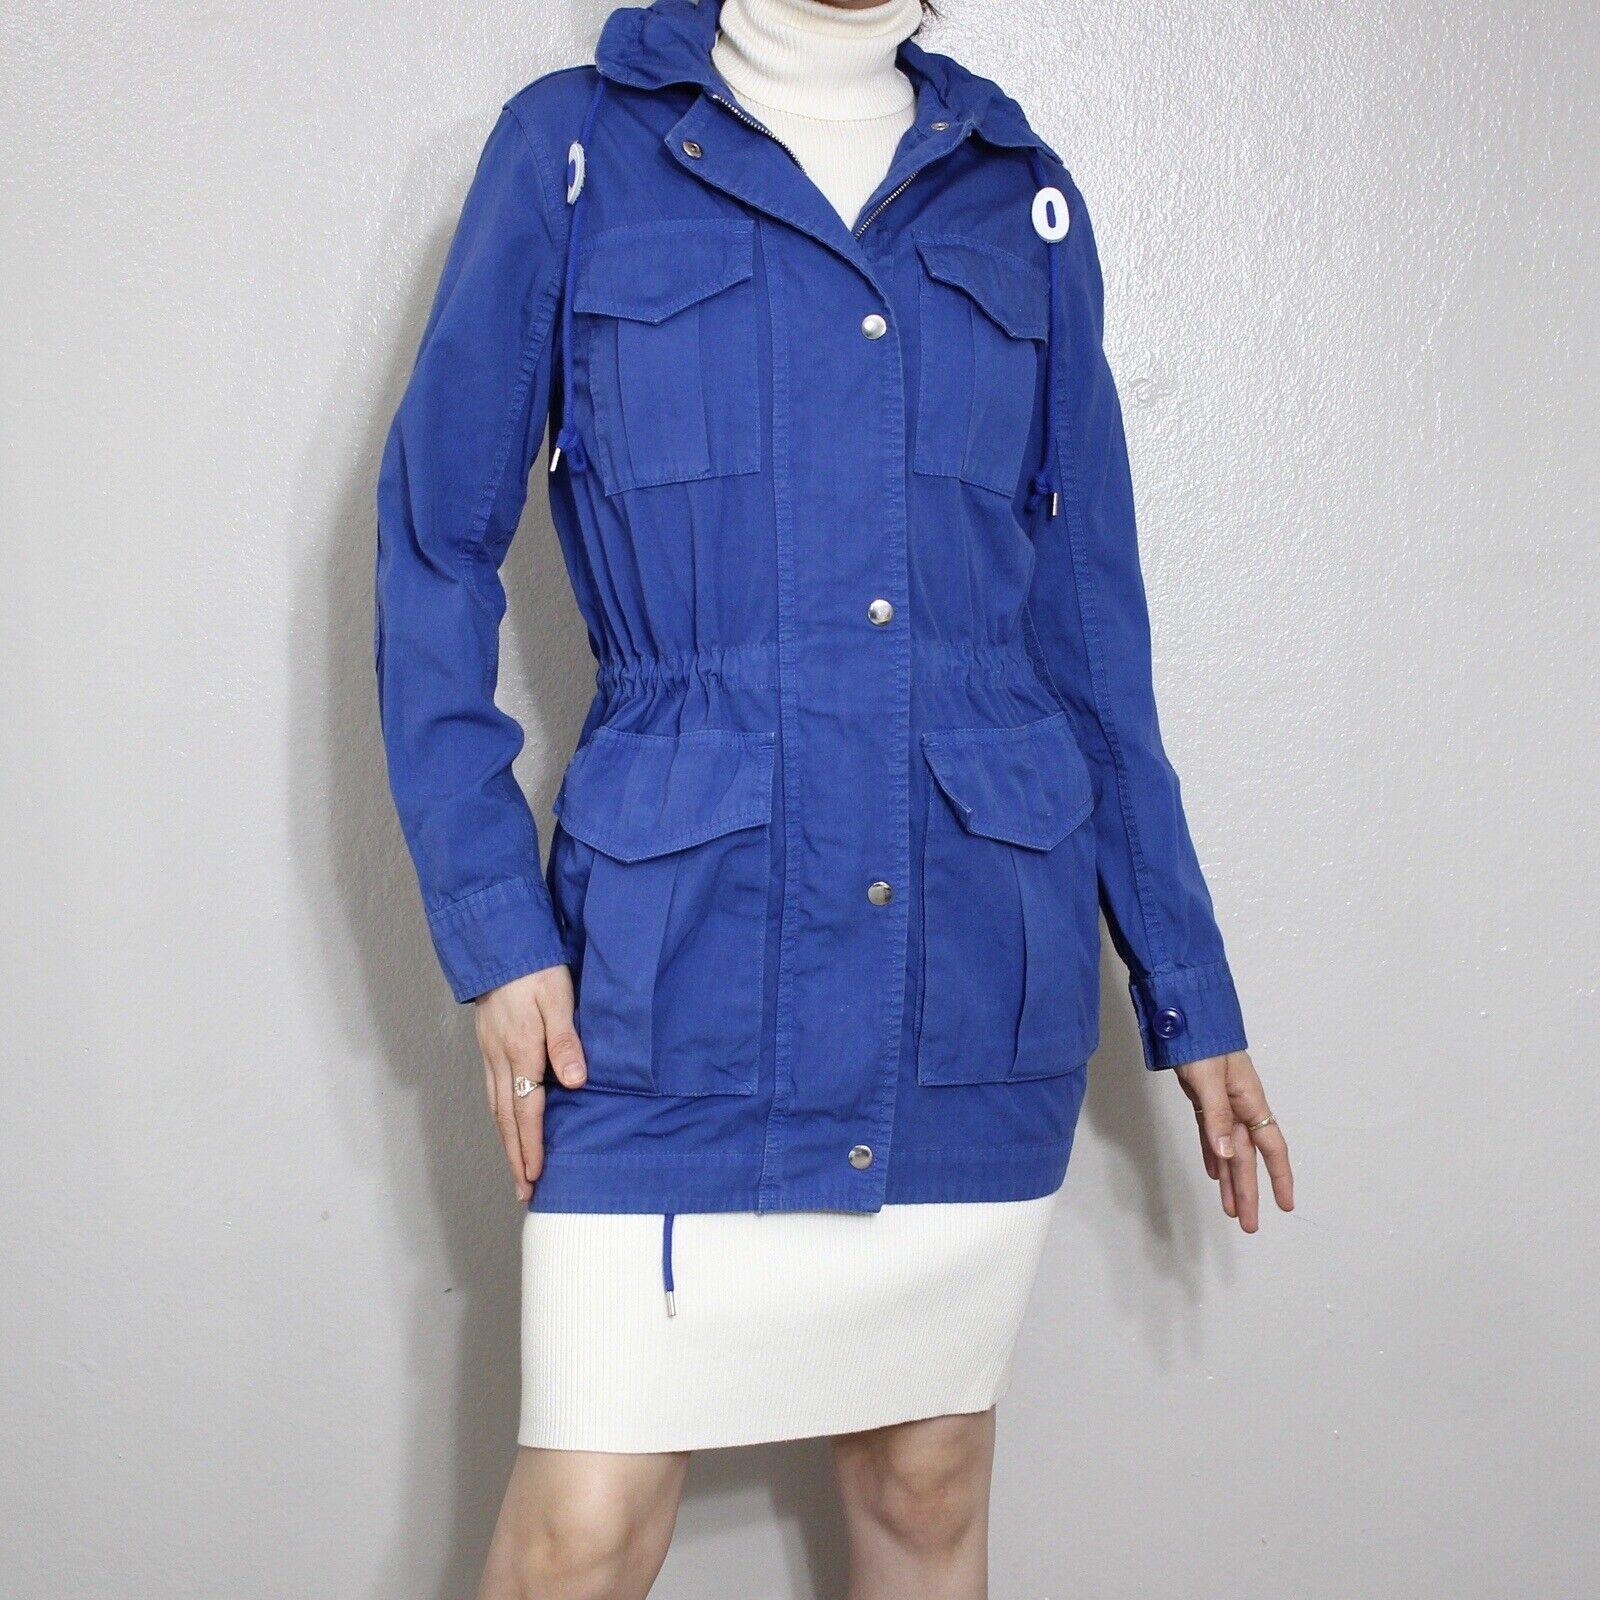 J.Crew Trench Cargo Utility Jacket Womens XXXS Blue 100% Cotton Packaway Hoodie